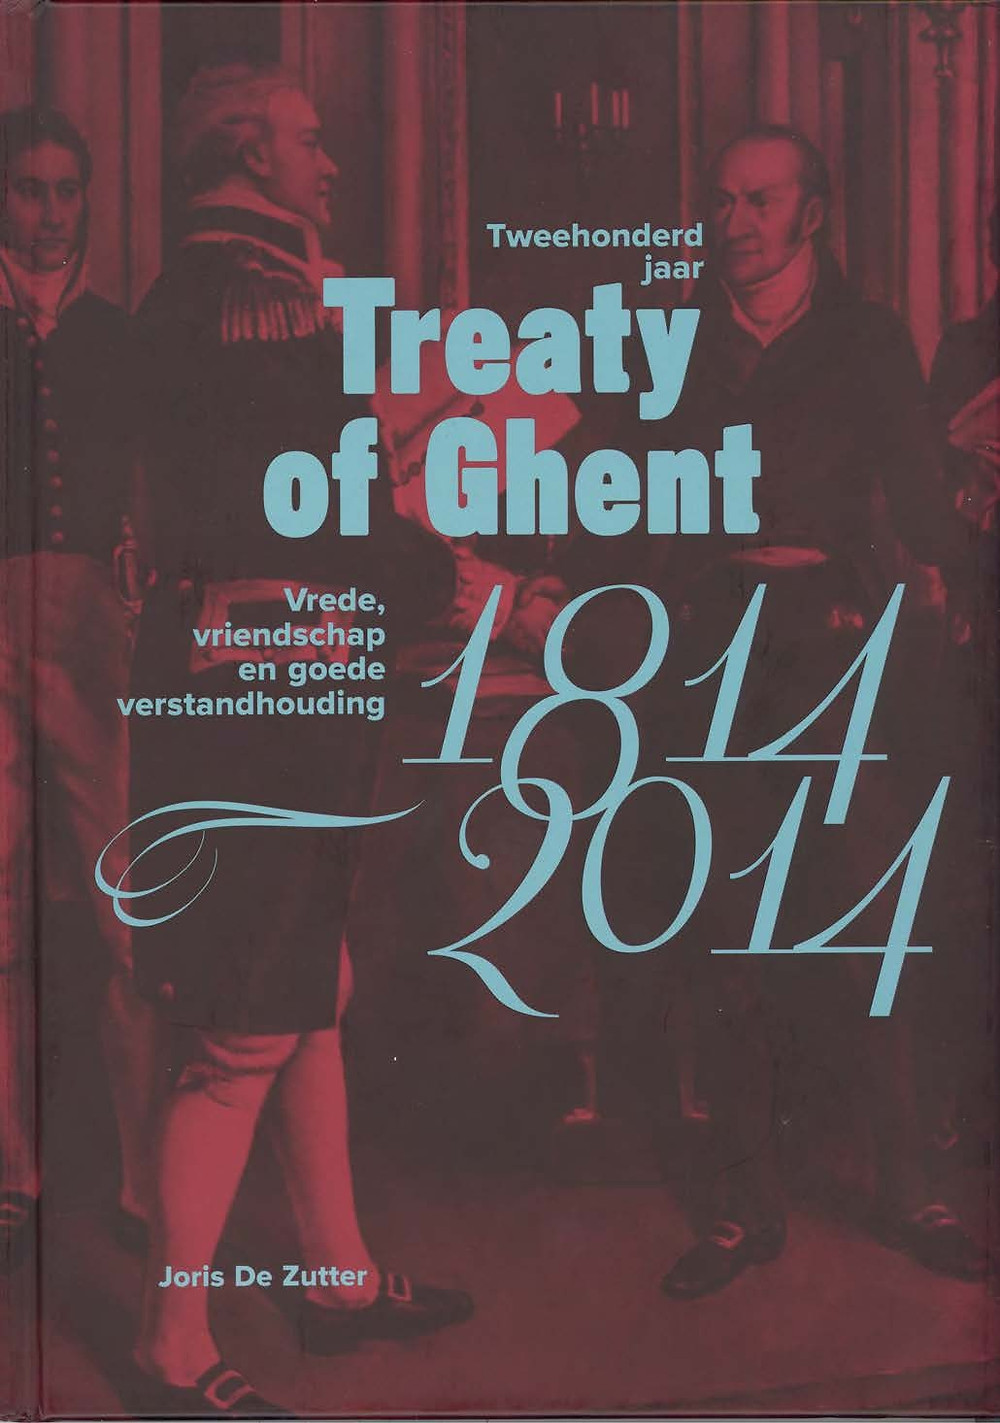 Tweehonderd jaar Treaty of Ghent, Joris De Zutter